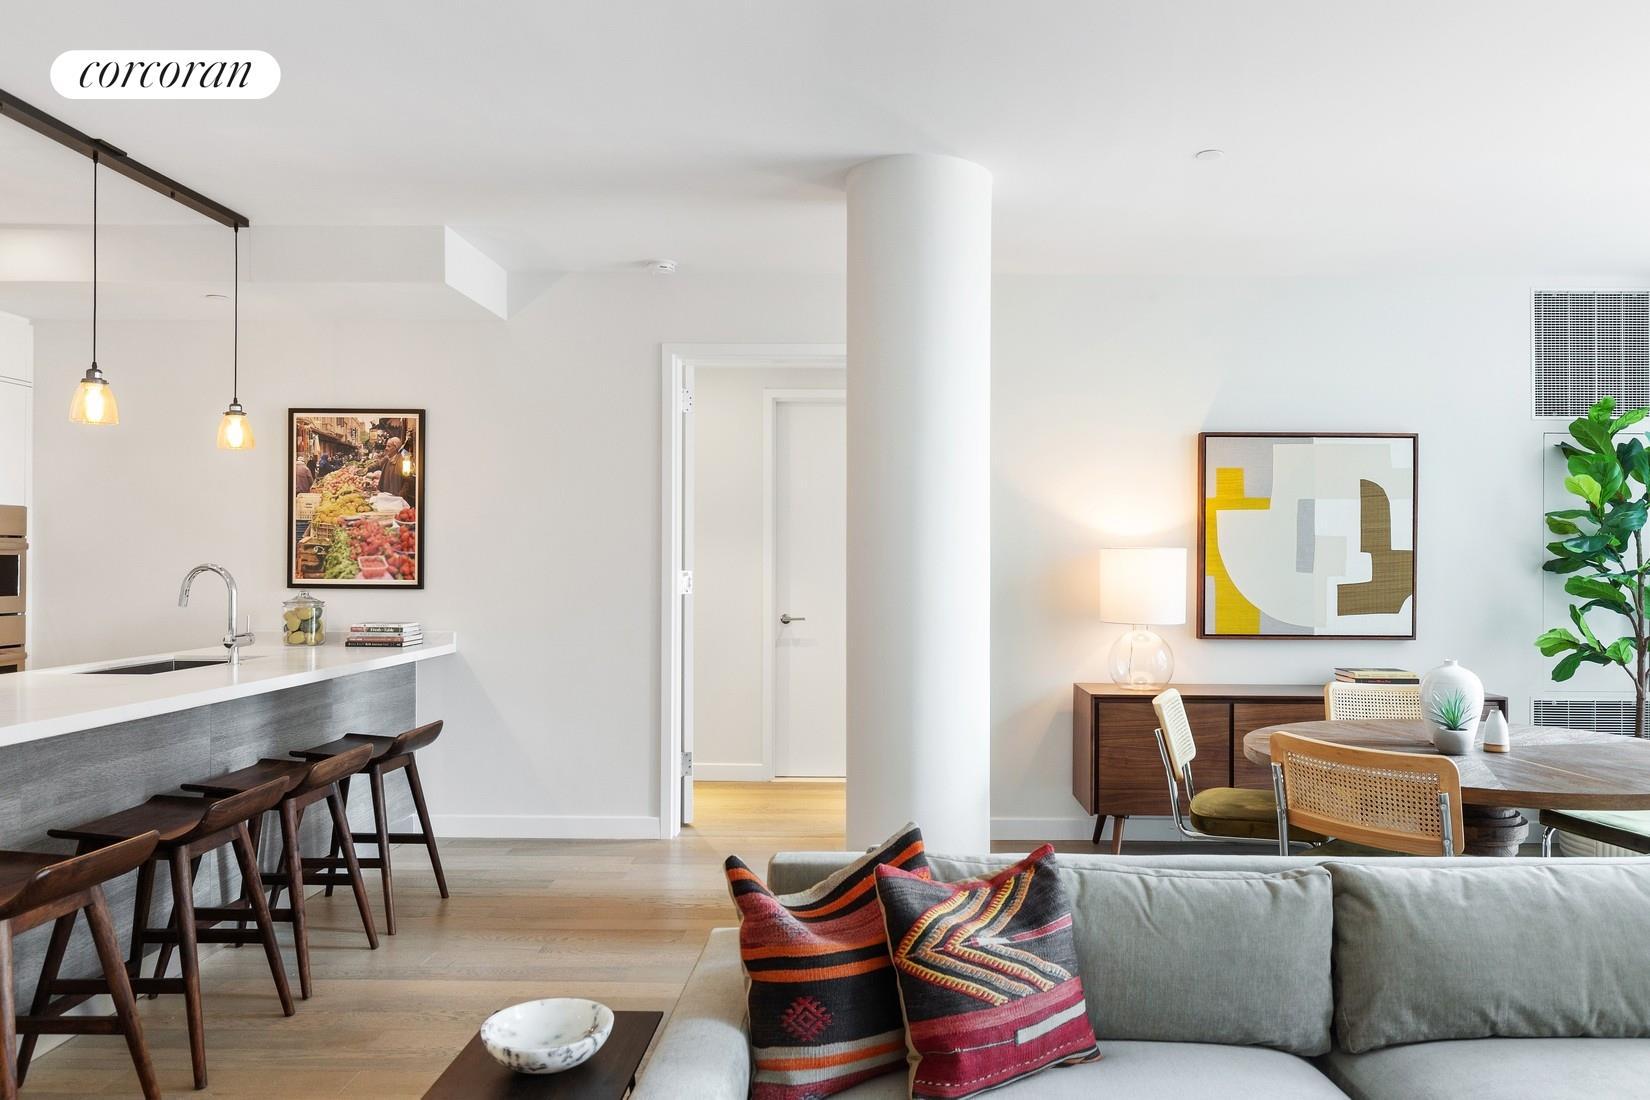 505 West 43rd Street Clinton New York NY 10036